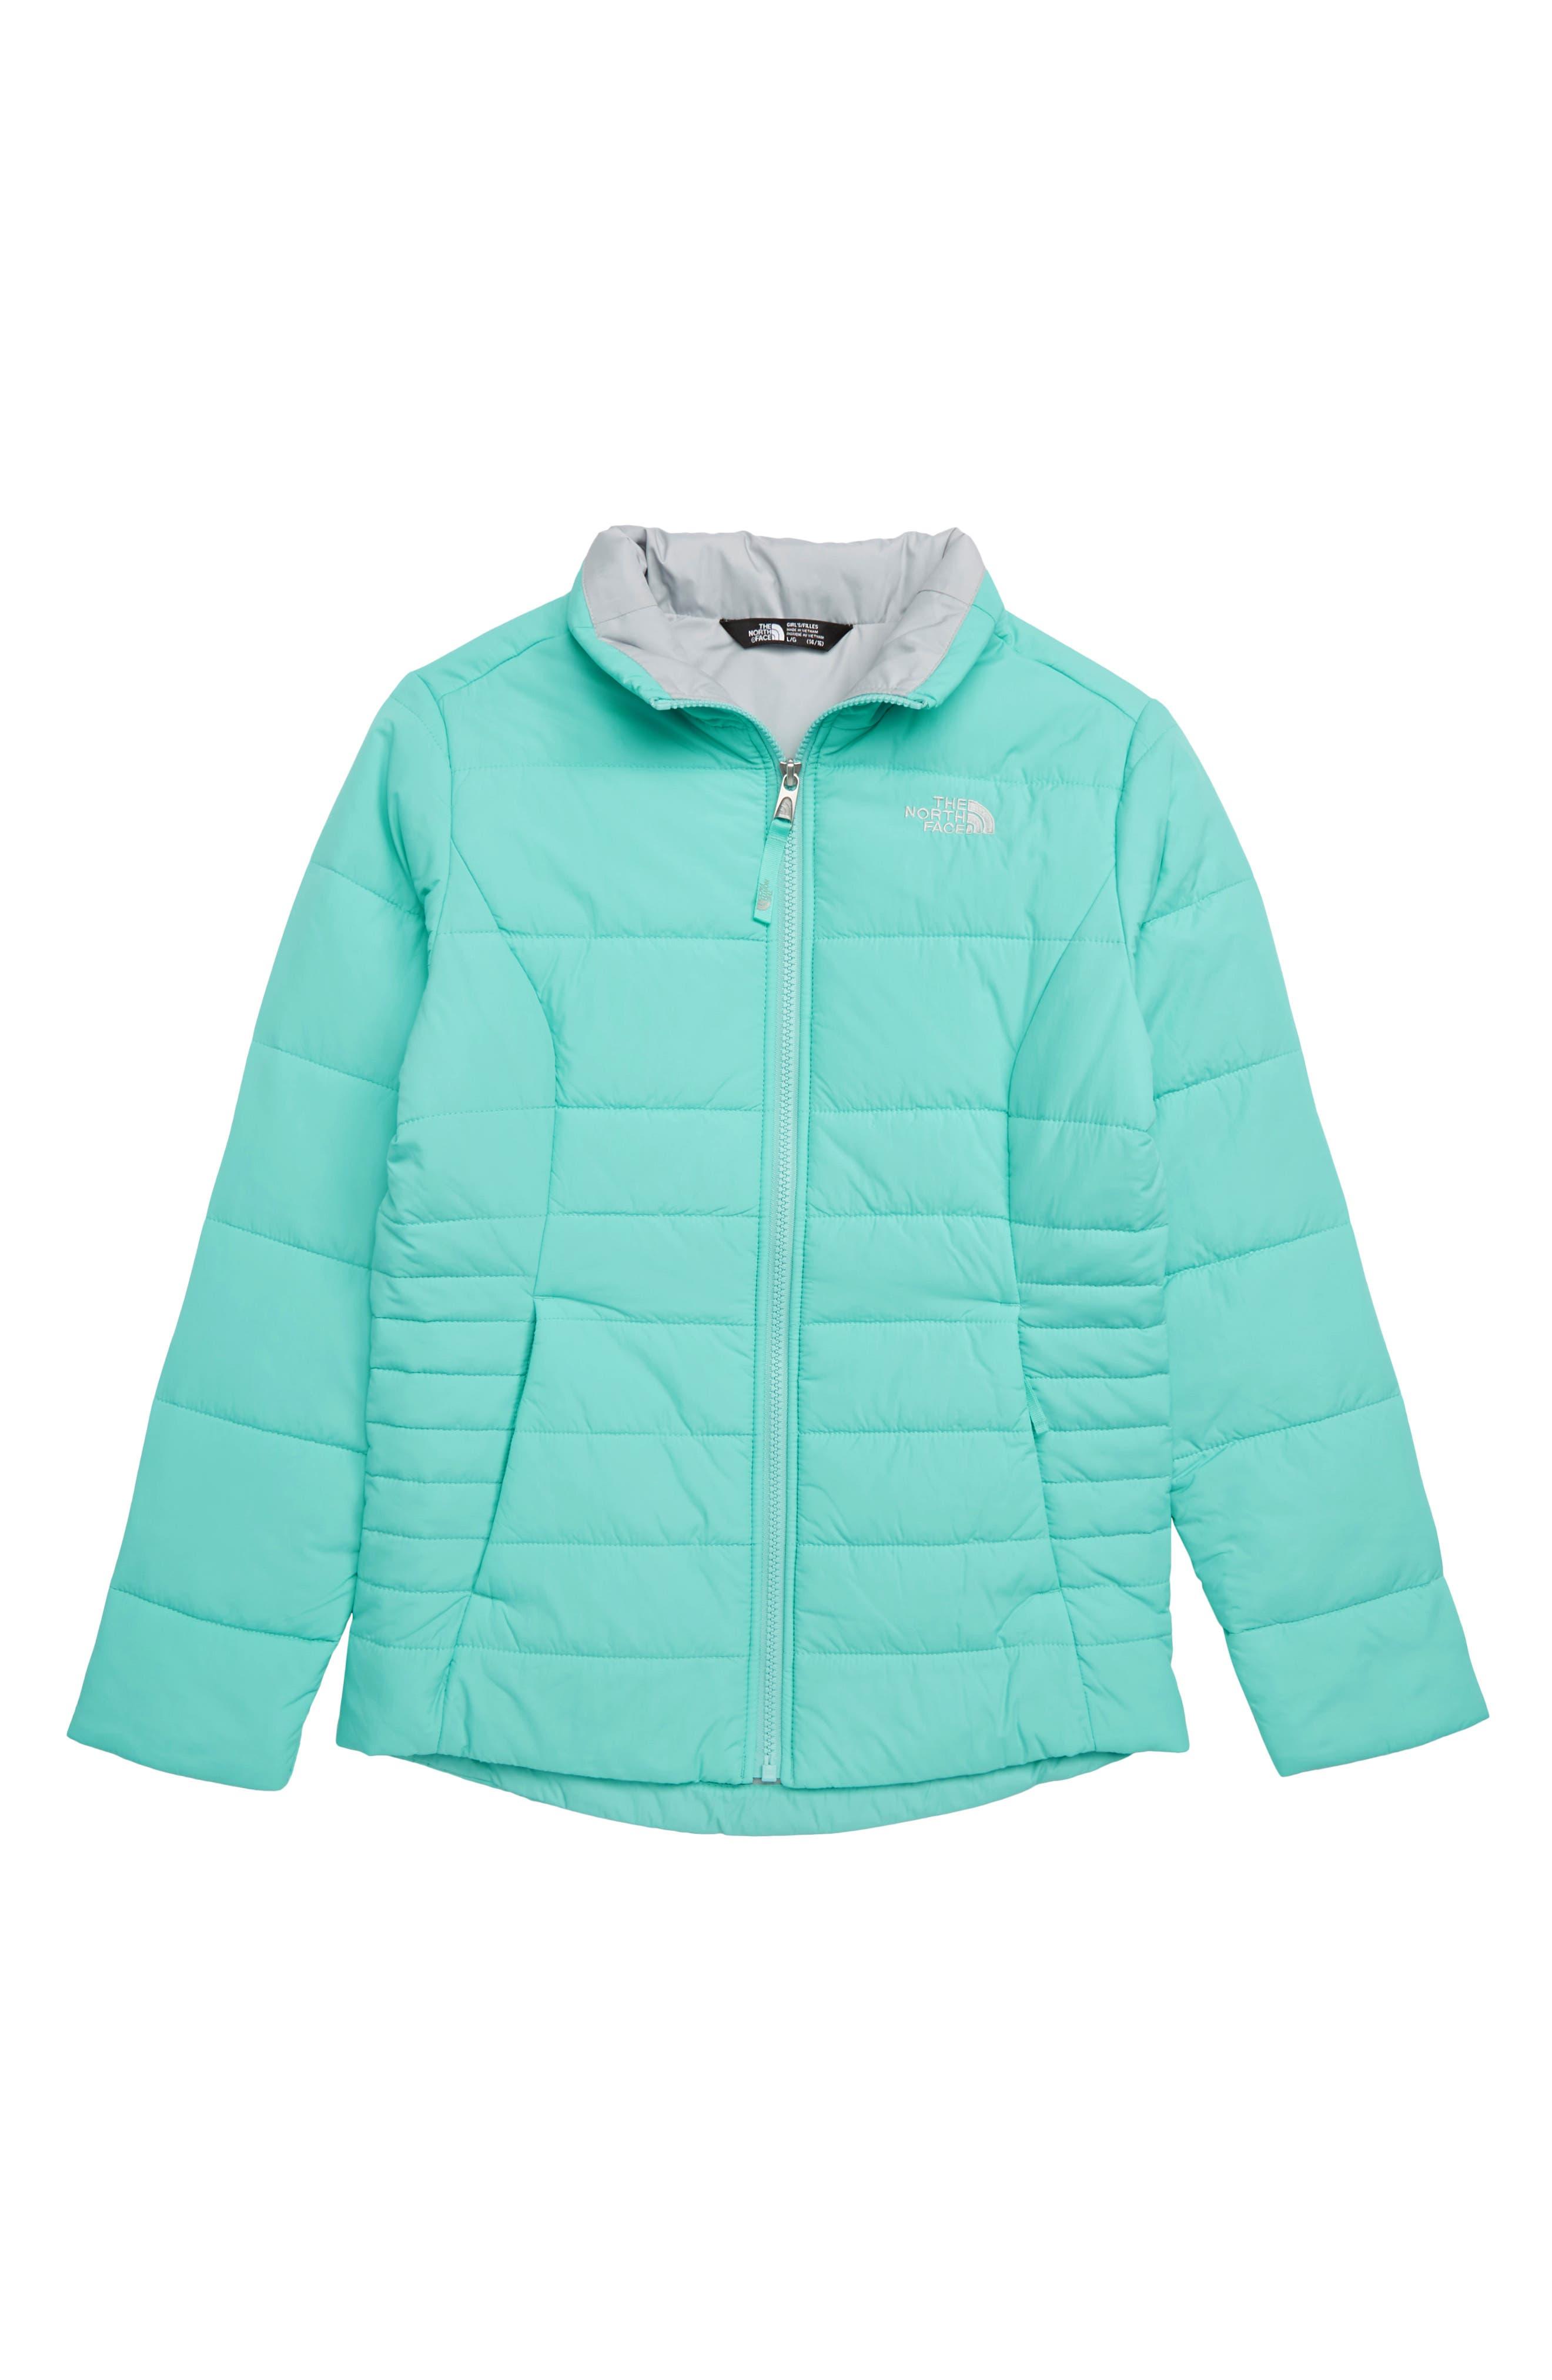 Harway Heatseeker<sup>™</sup>Water-Resistant Jacket, Main, color, MINT BLUE